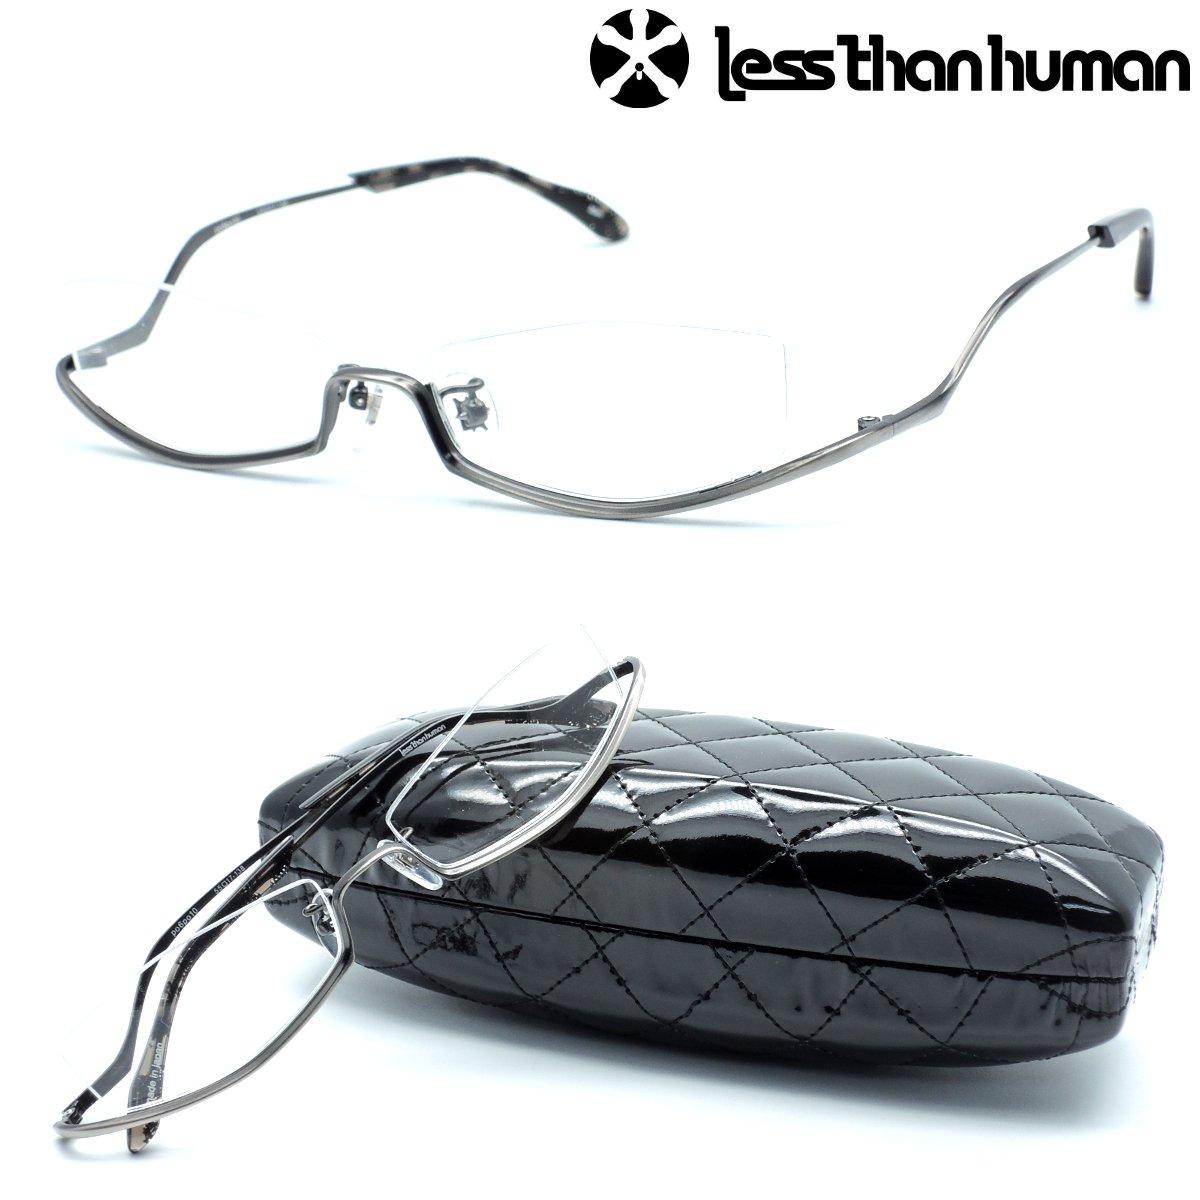 【less than human】レスザンヒューマン ポルポト po6po10 col.89m NEWカラー メガネ 度無又は度付レンズセット 【正規品】【店内全品送料無料】